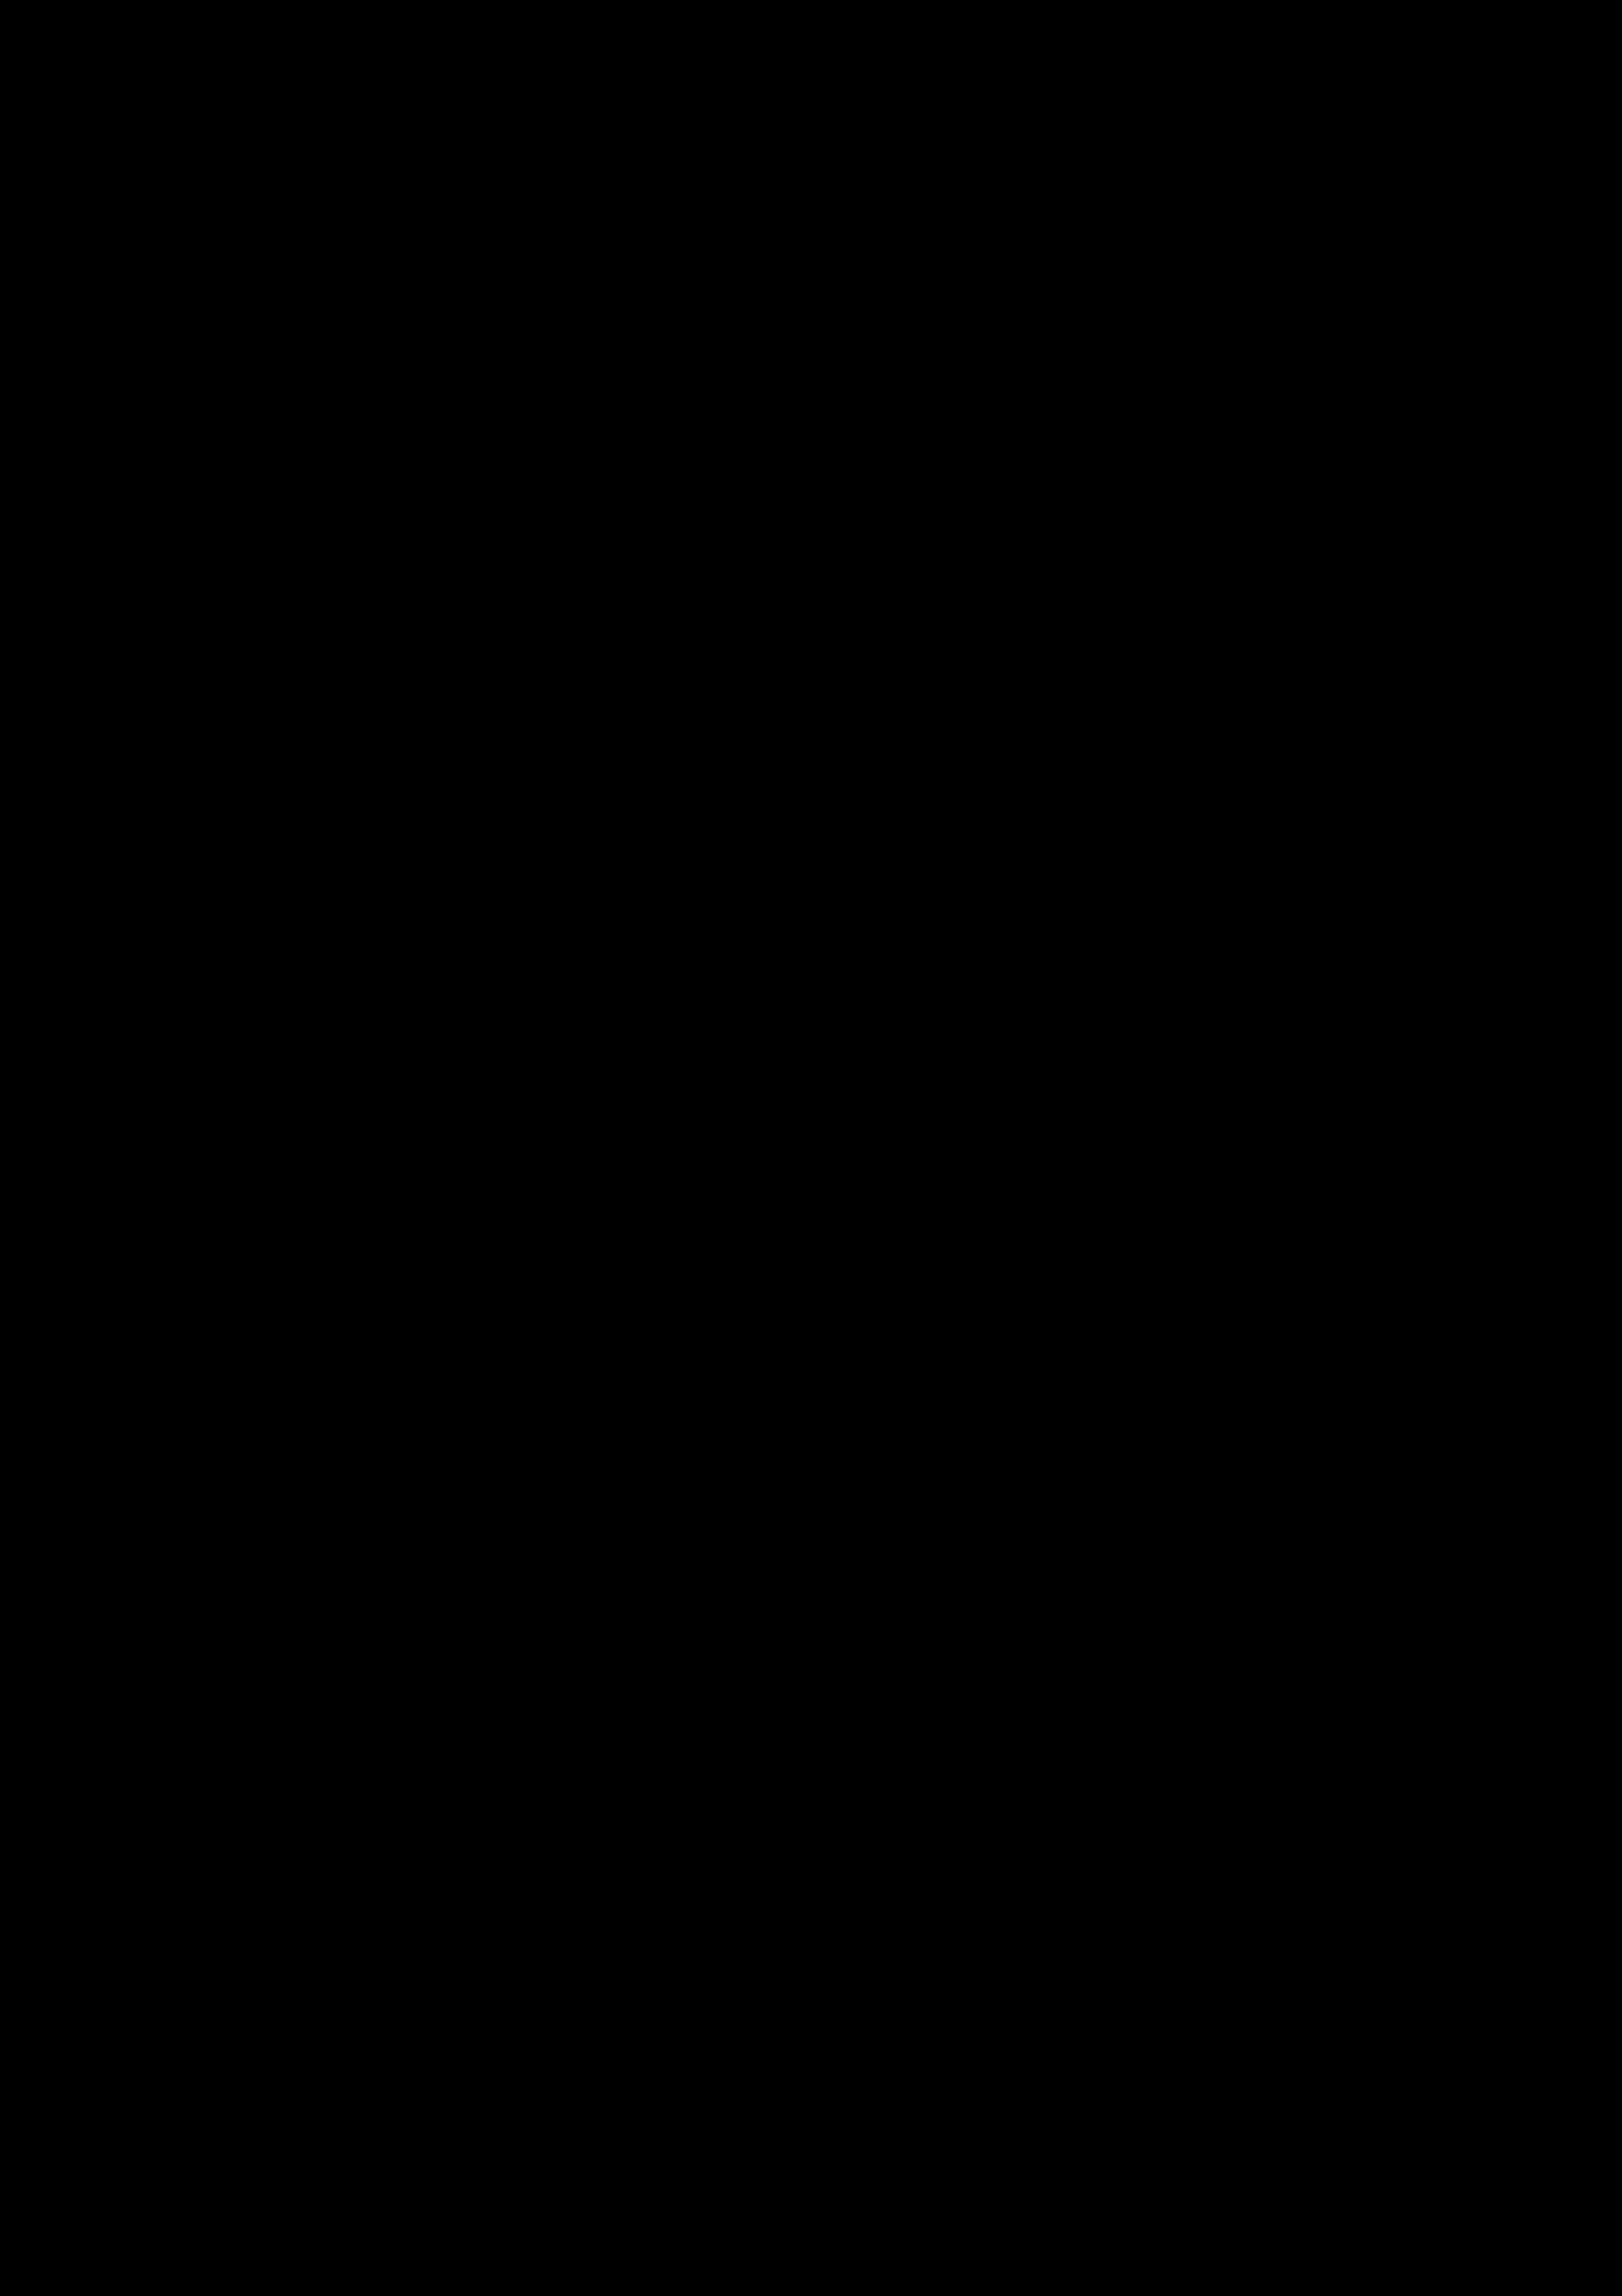 Quy hoạch phân khu 1/2000 | Quy hoạch quận 1